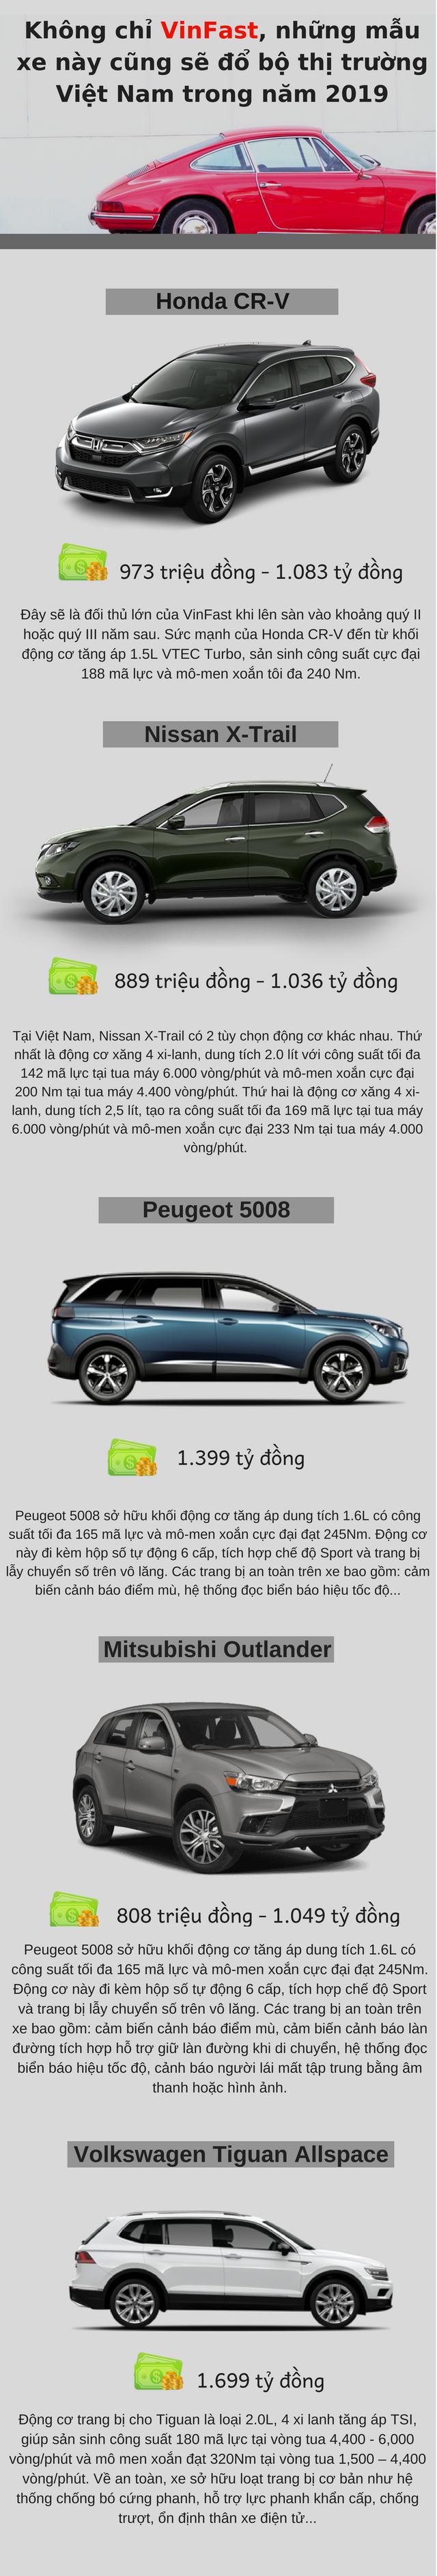 Không chỉ VinFast, những mẫu xe này cũng sẽ đổ bộ thị trường Việt Nam trong năm 2019 - Ảnh 1.